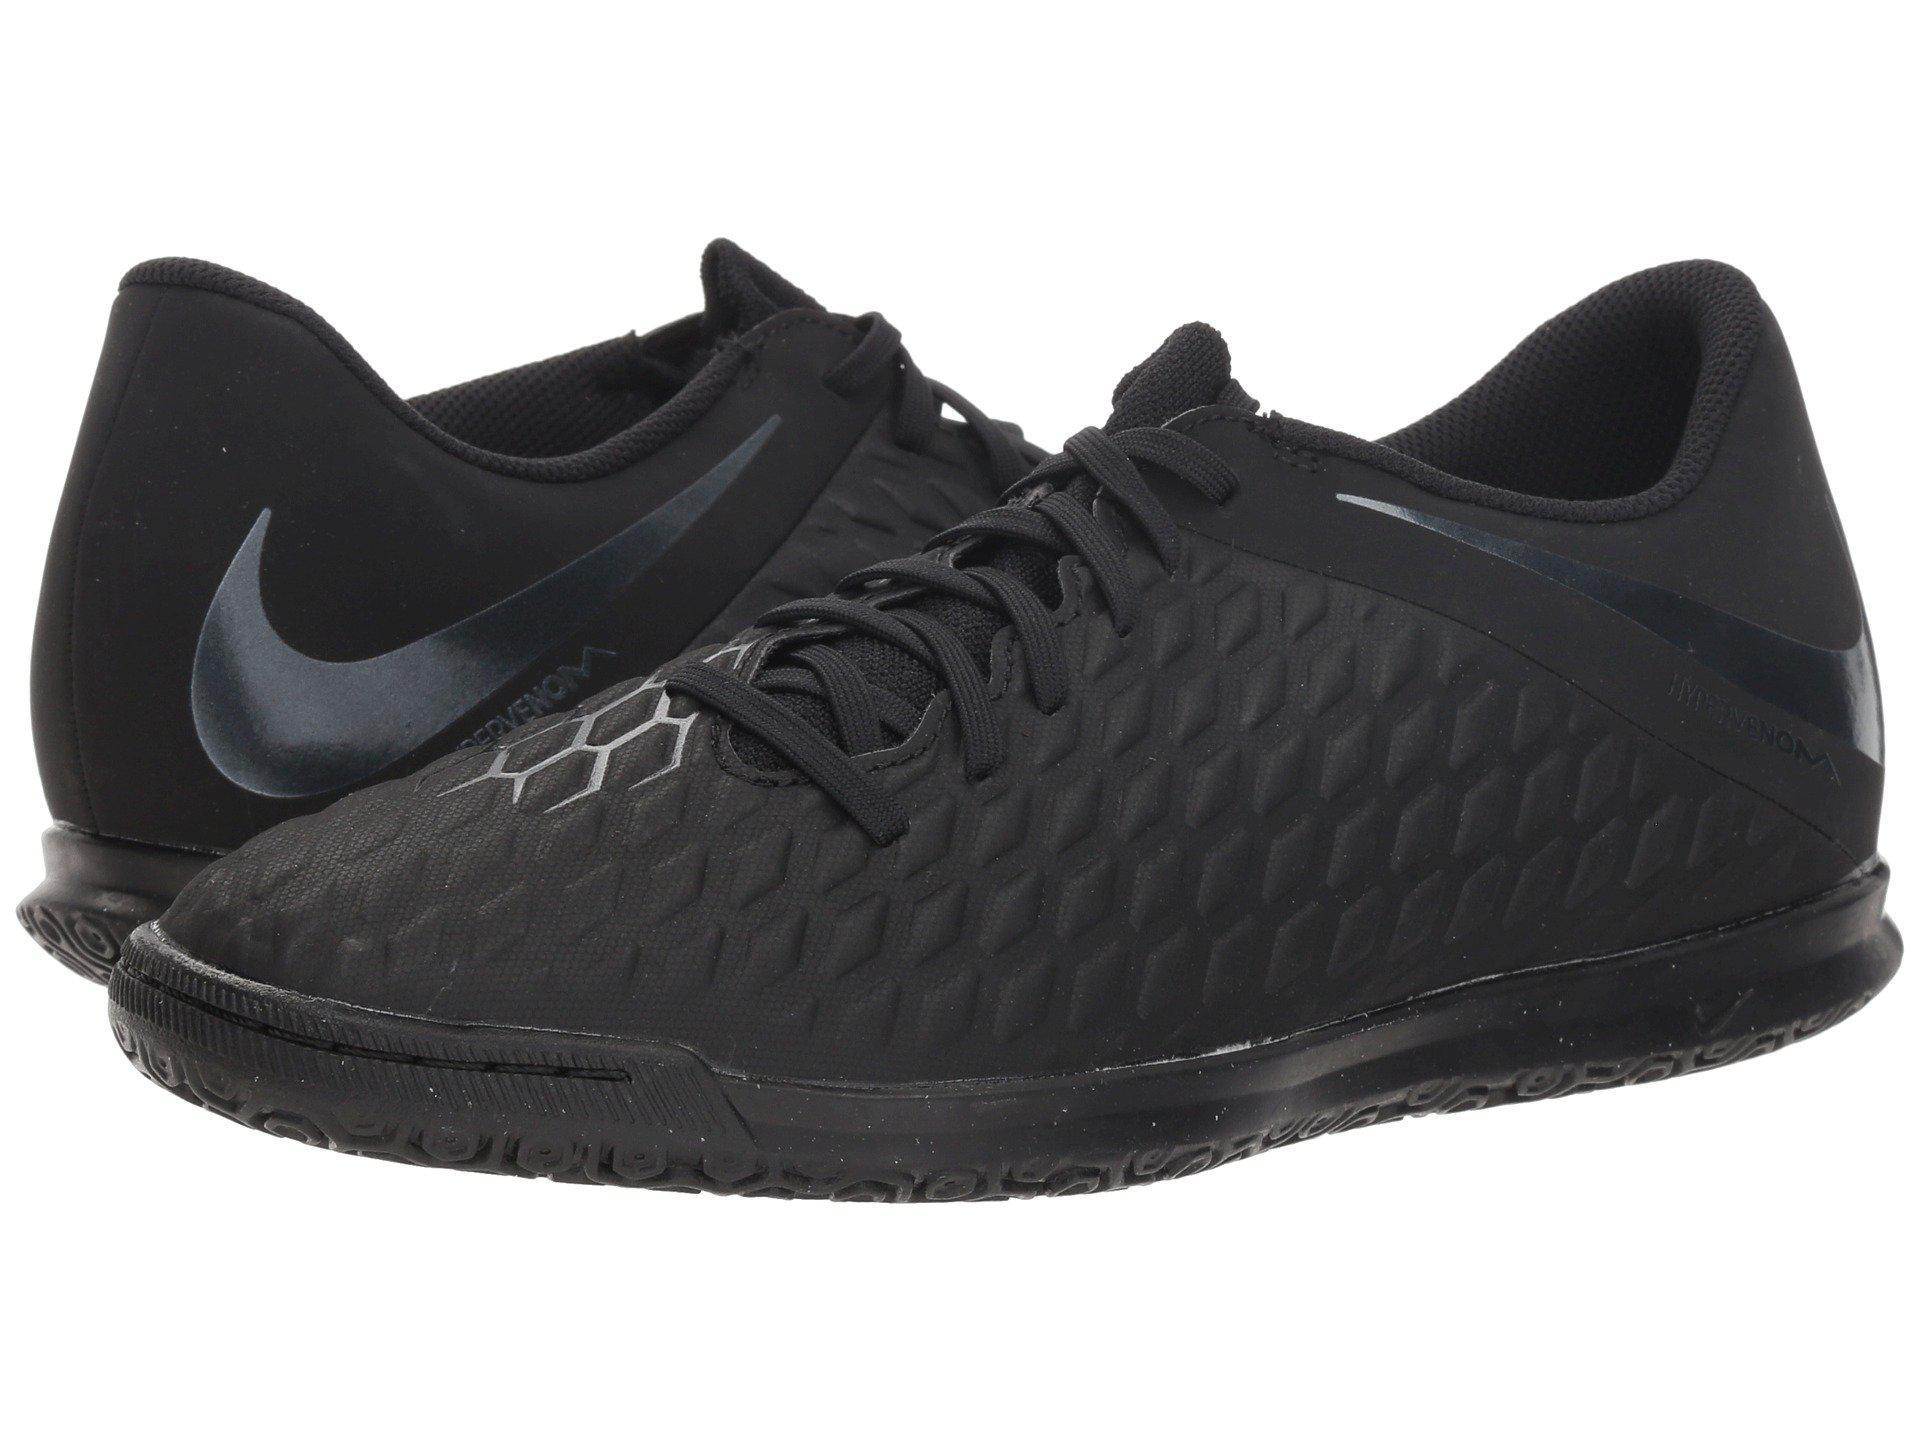 672634e57c Nike. Phantomx 3 Club Ic (black black light Crimson) Men s Soccer Shoes